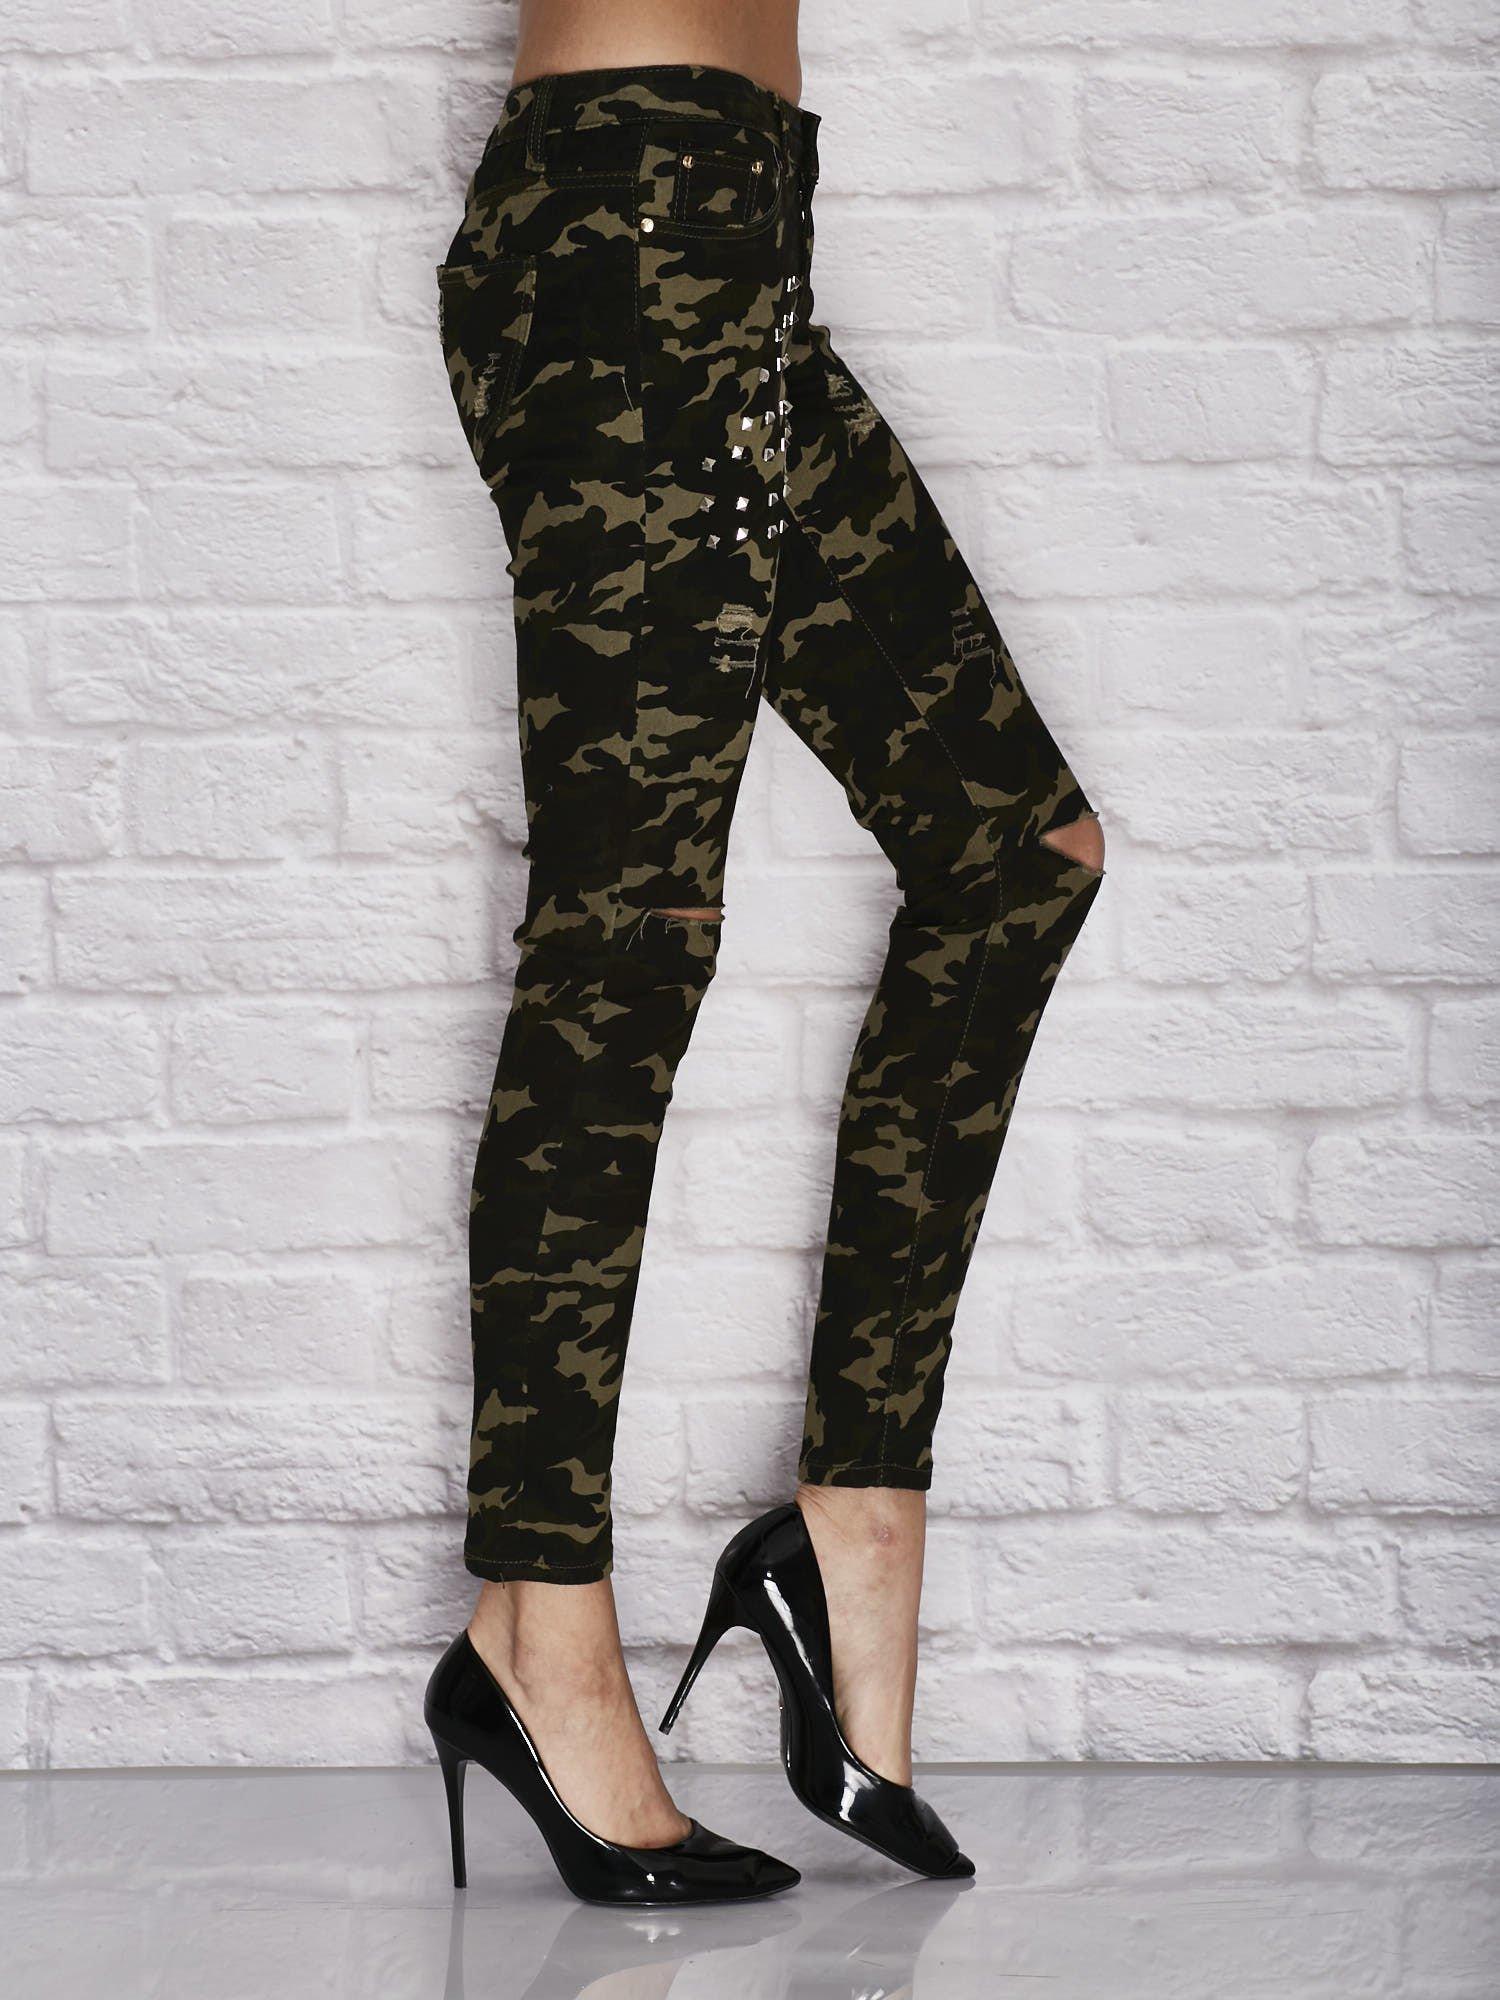 2d2a4411326018 2 · Spodnie damskie rurki w moro wzór z dziurami i ćwiekami zielone ...